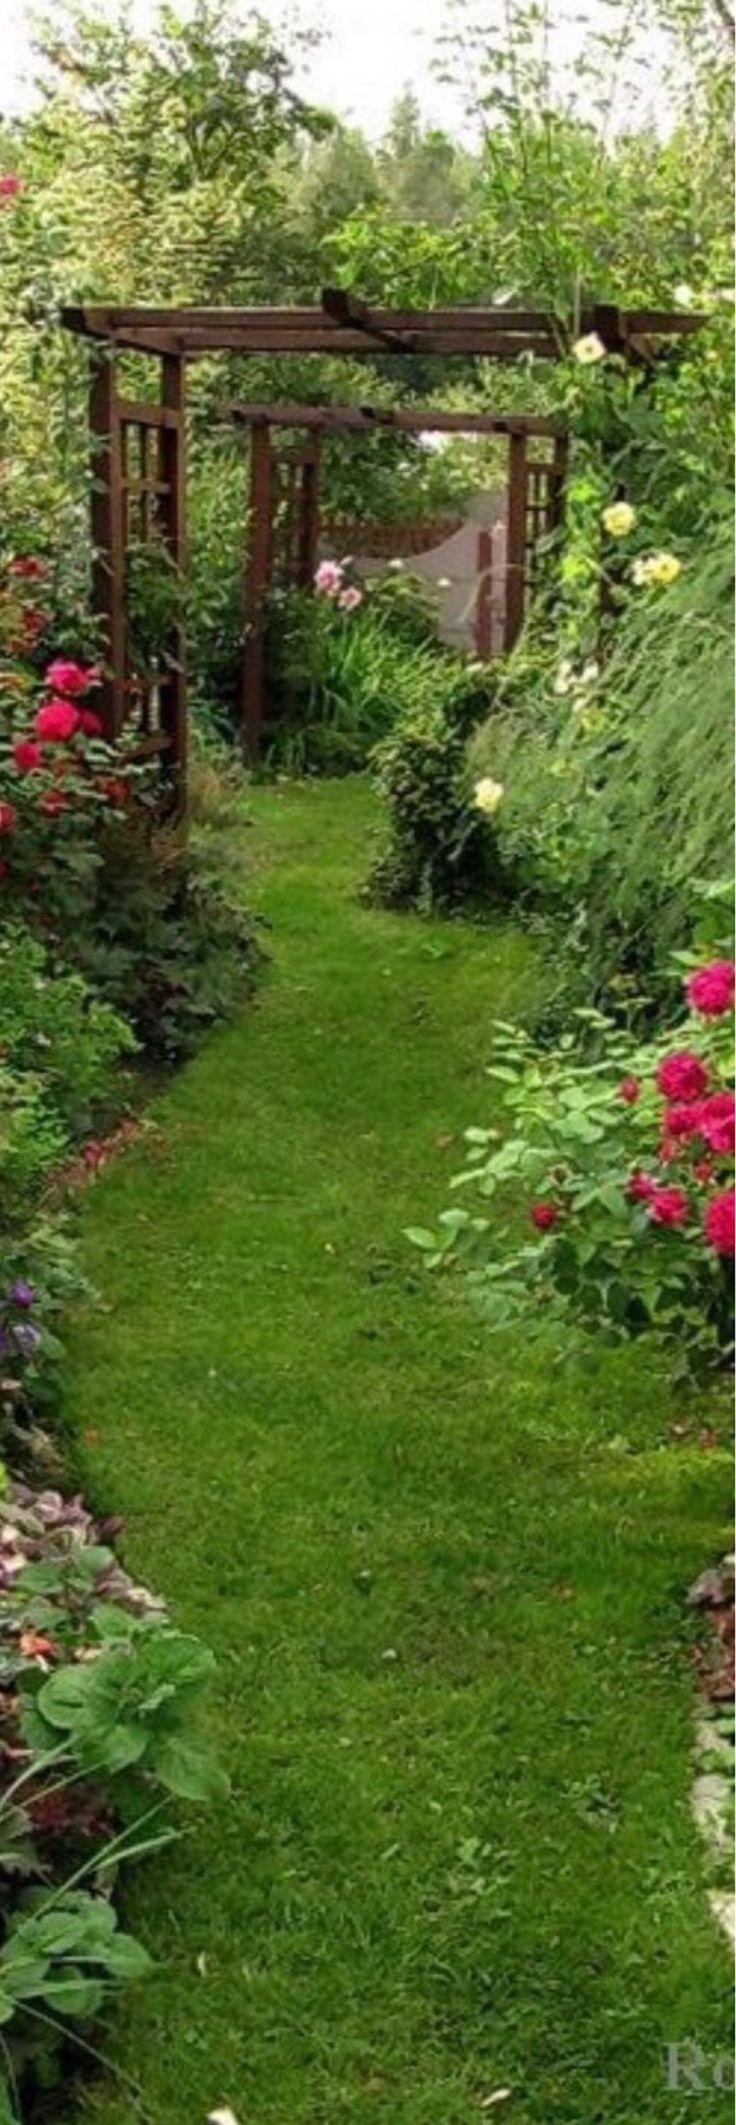 #Garden Path Ideas #gardendesign #gardening